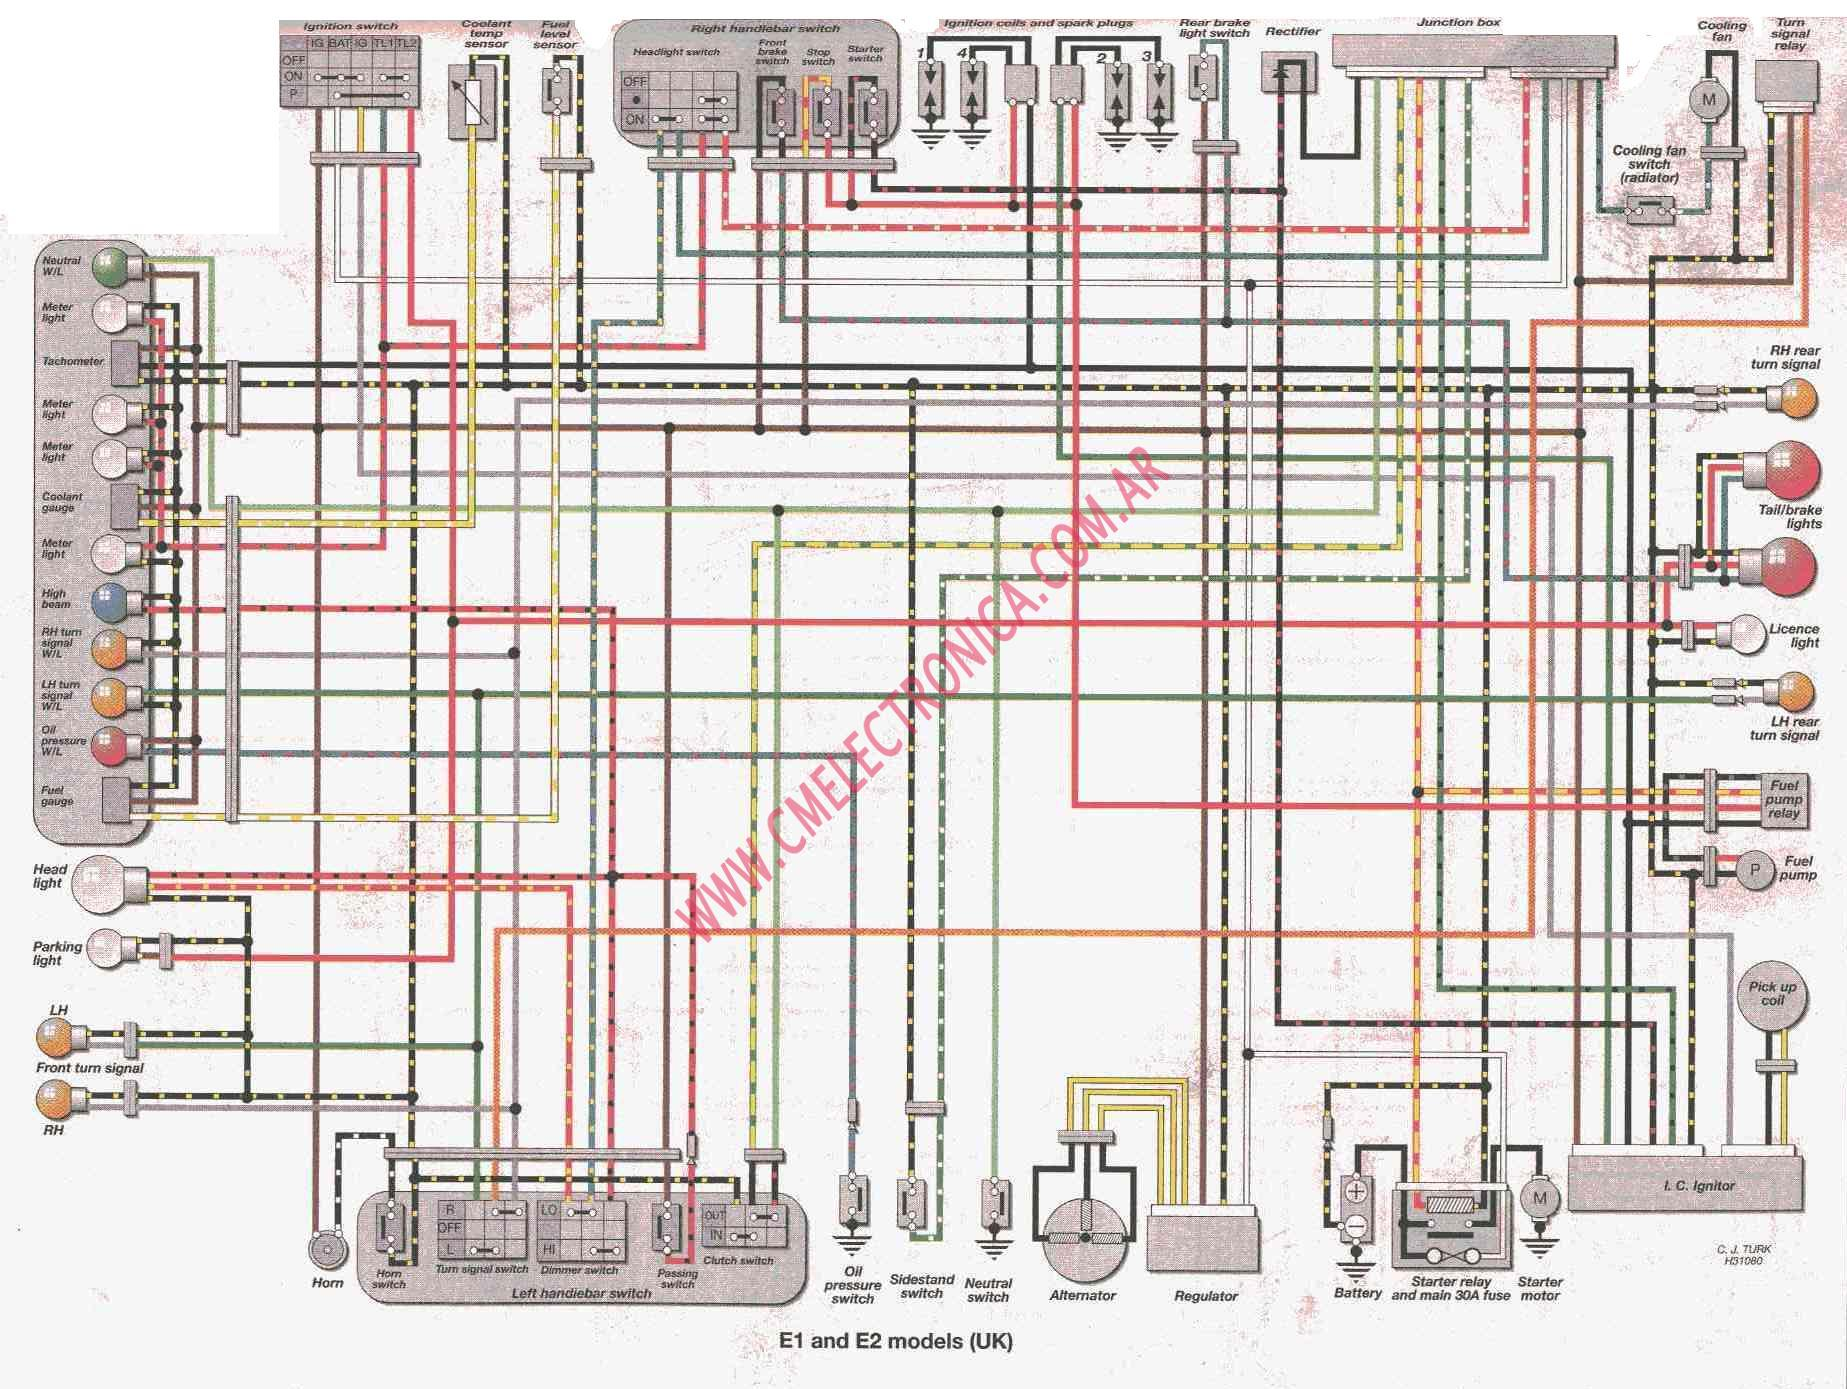 Wiring Diagram Yamaha Mio Pdf Motor Sporty Wwwjzgreentowncom